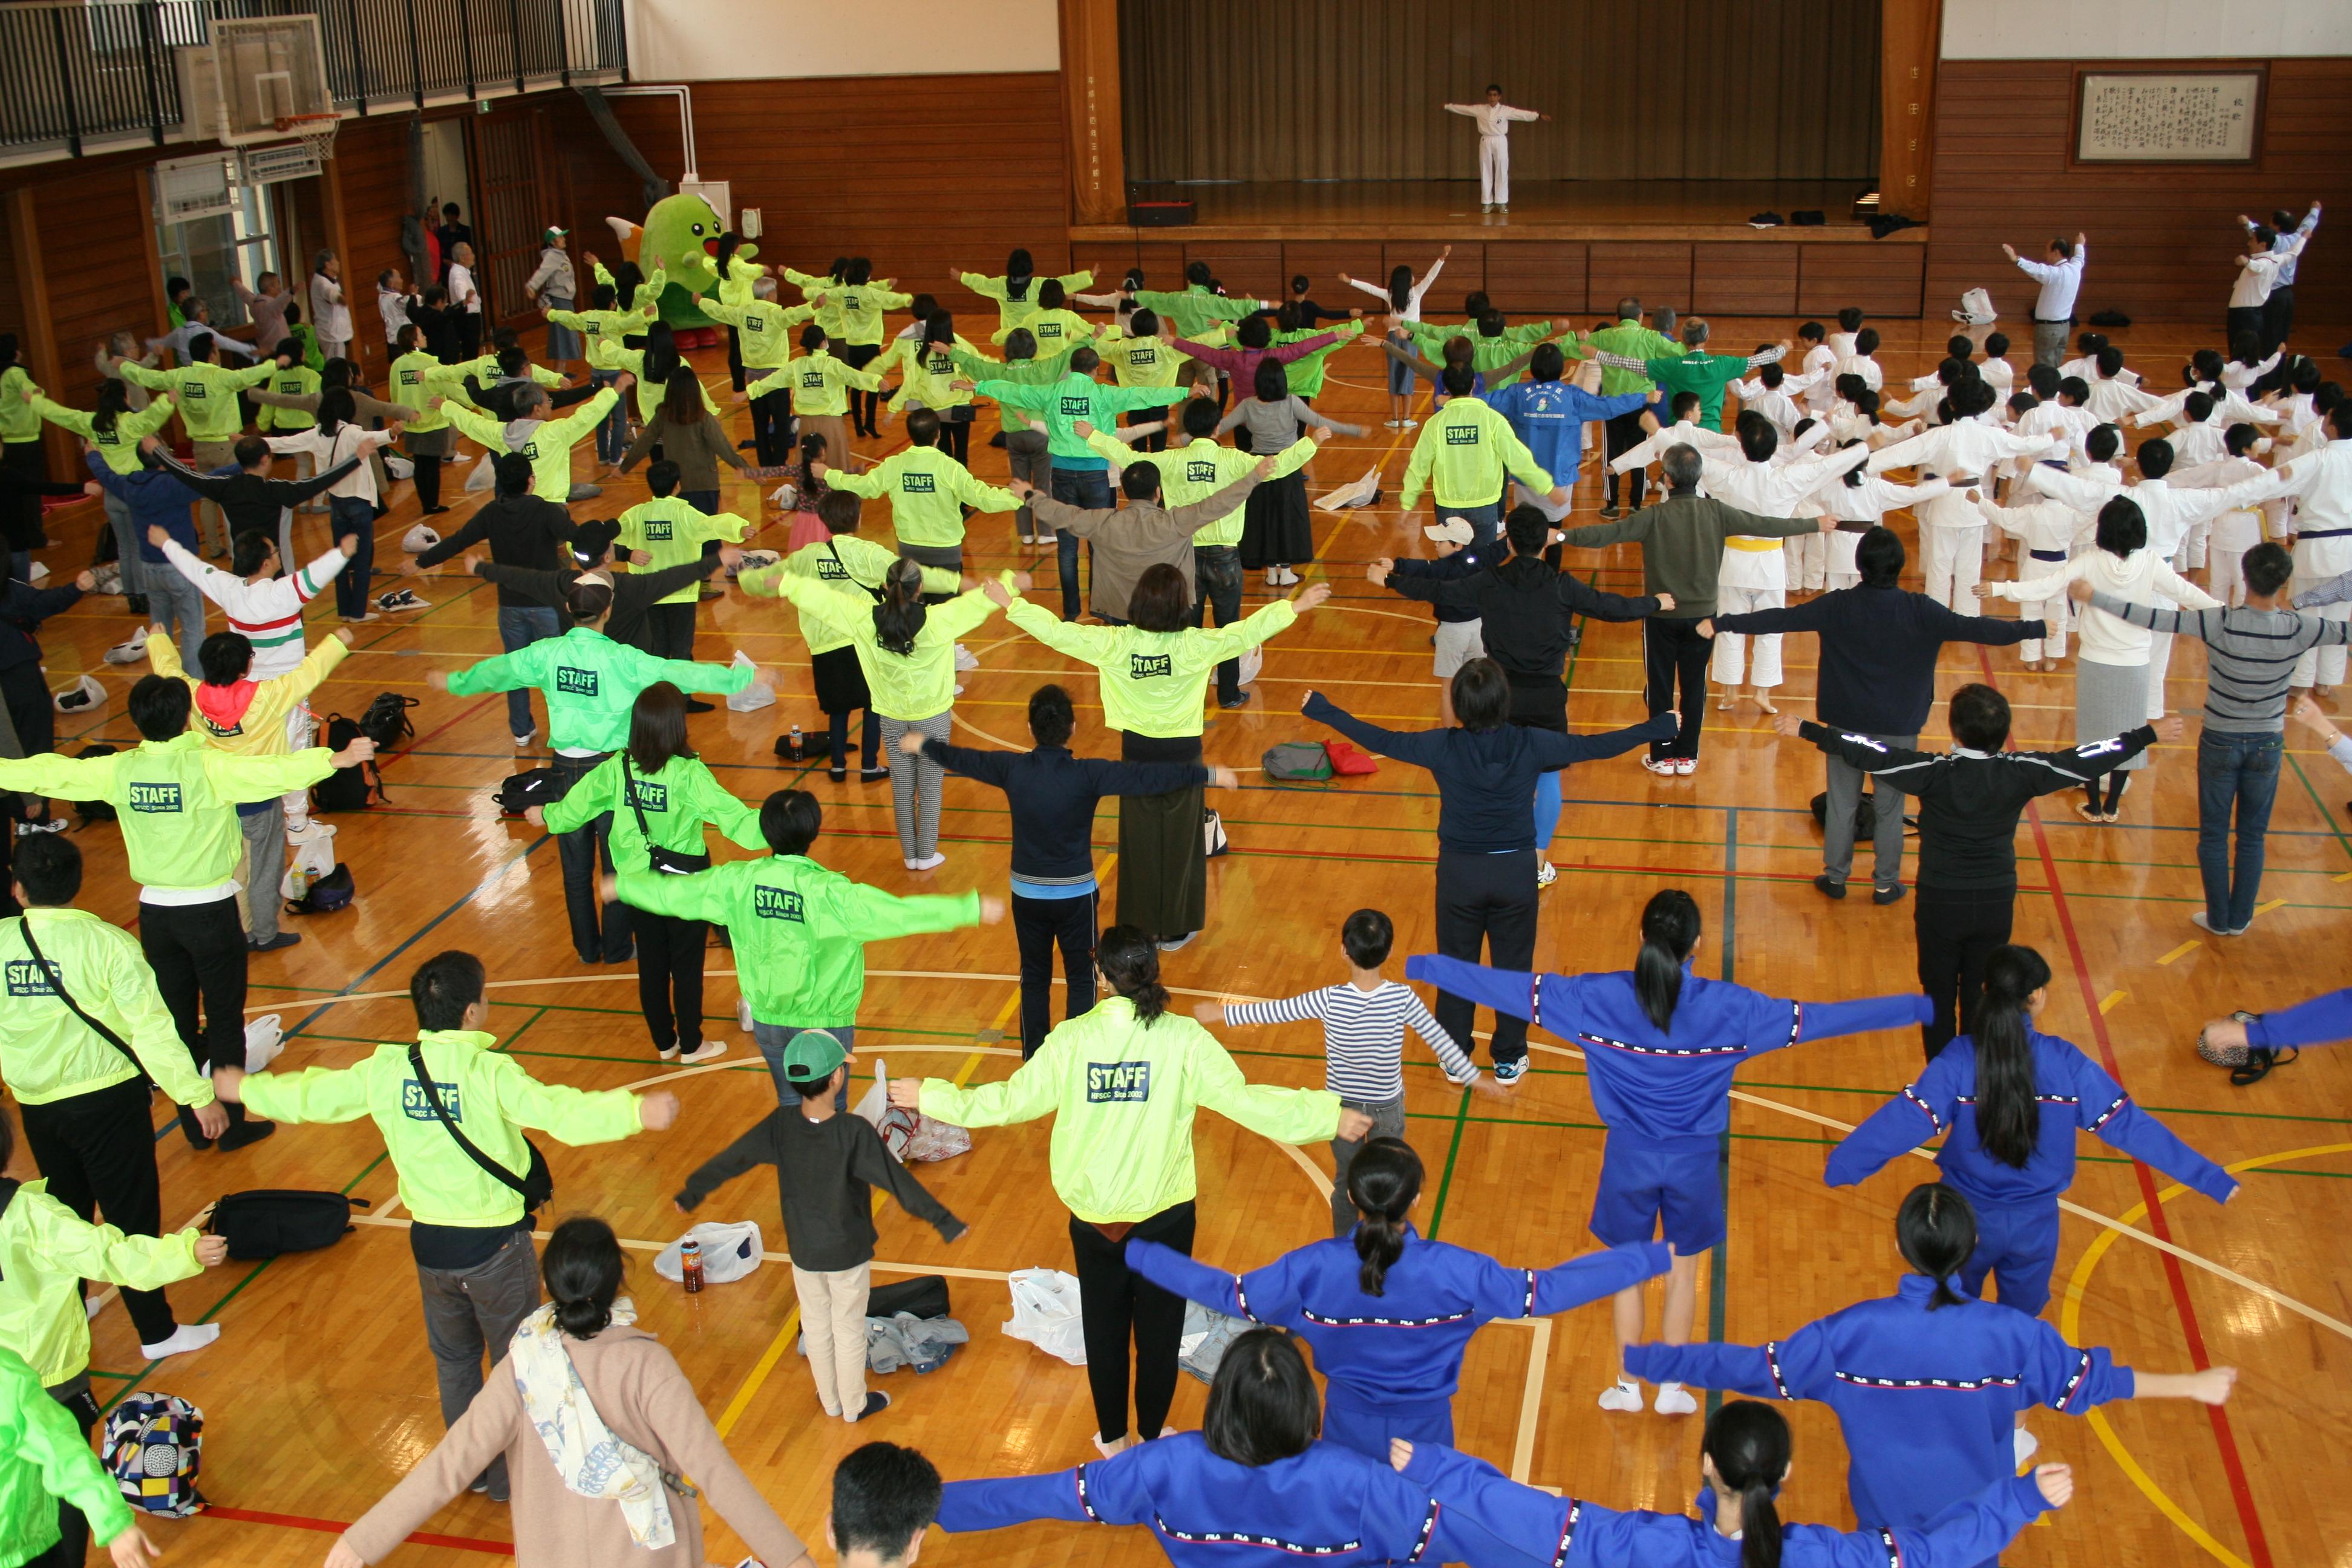 世田谷区ラジオ体操連盟 山上 睦子さんの模範演技でラジオ体操